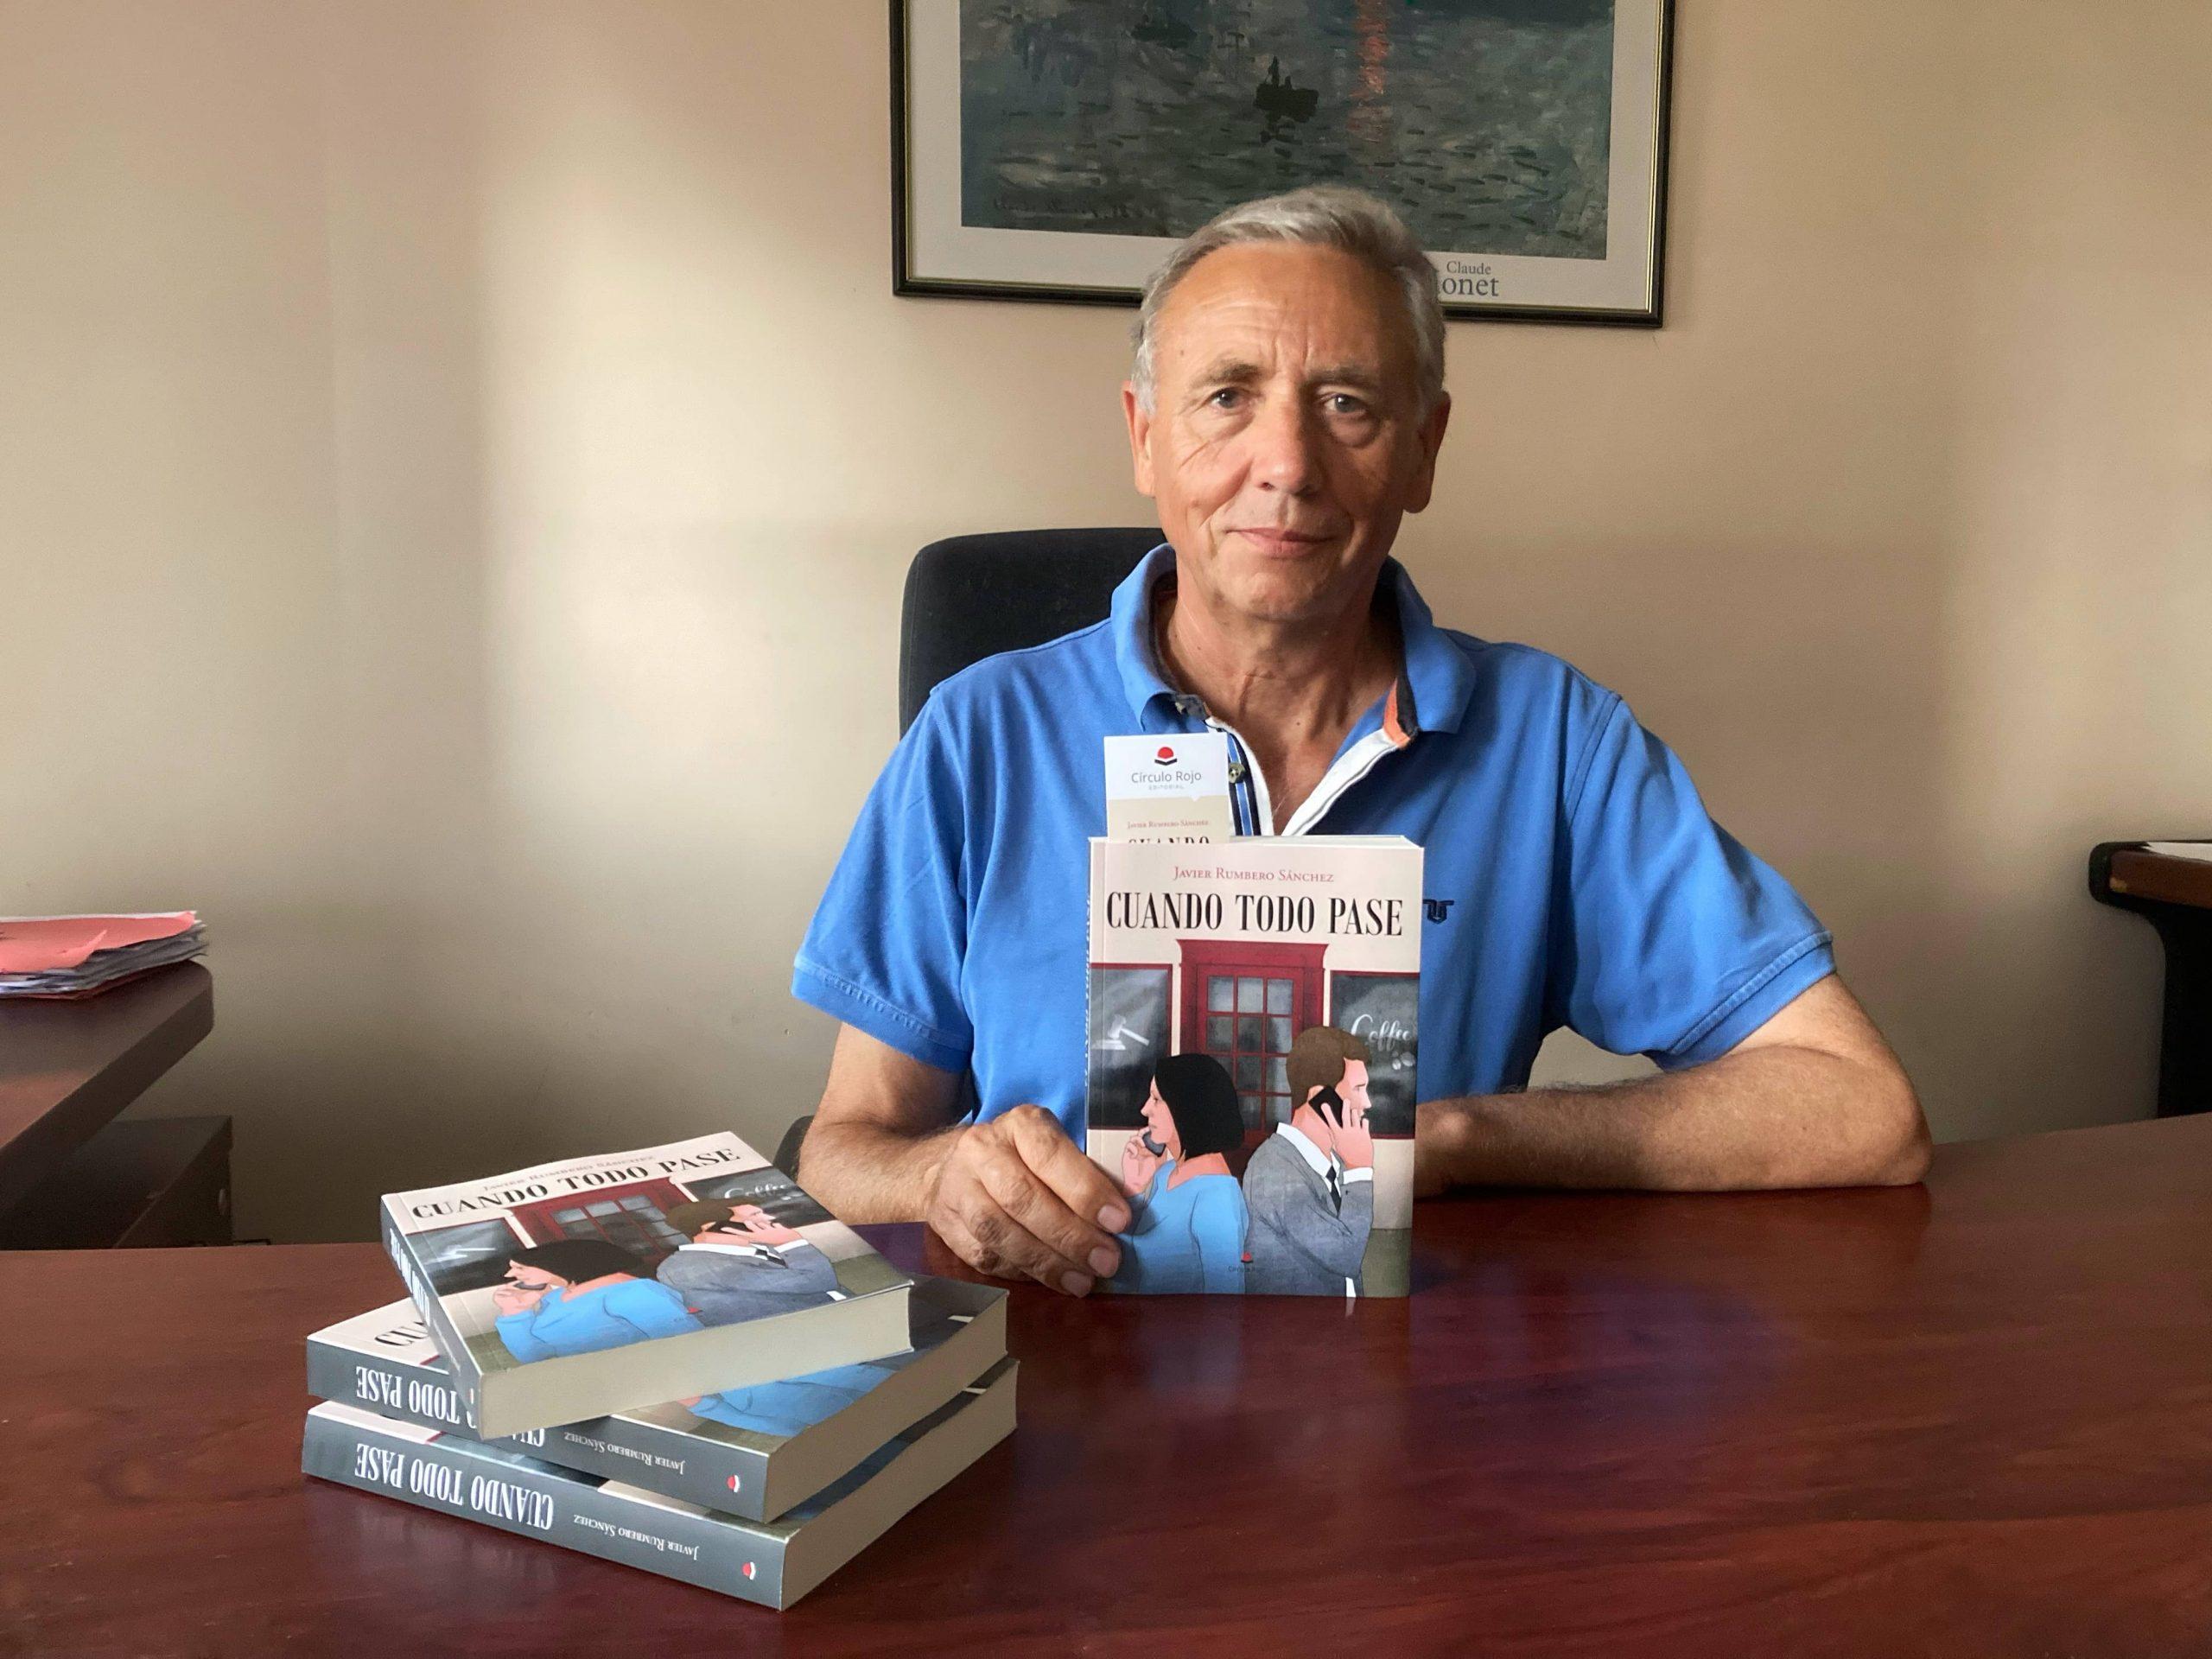 Conoce a Javier Rumbero, autor del thriller «Cuando todo pase»